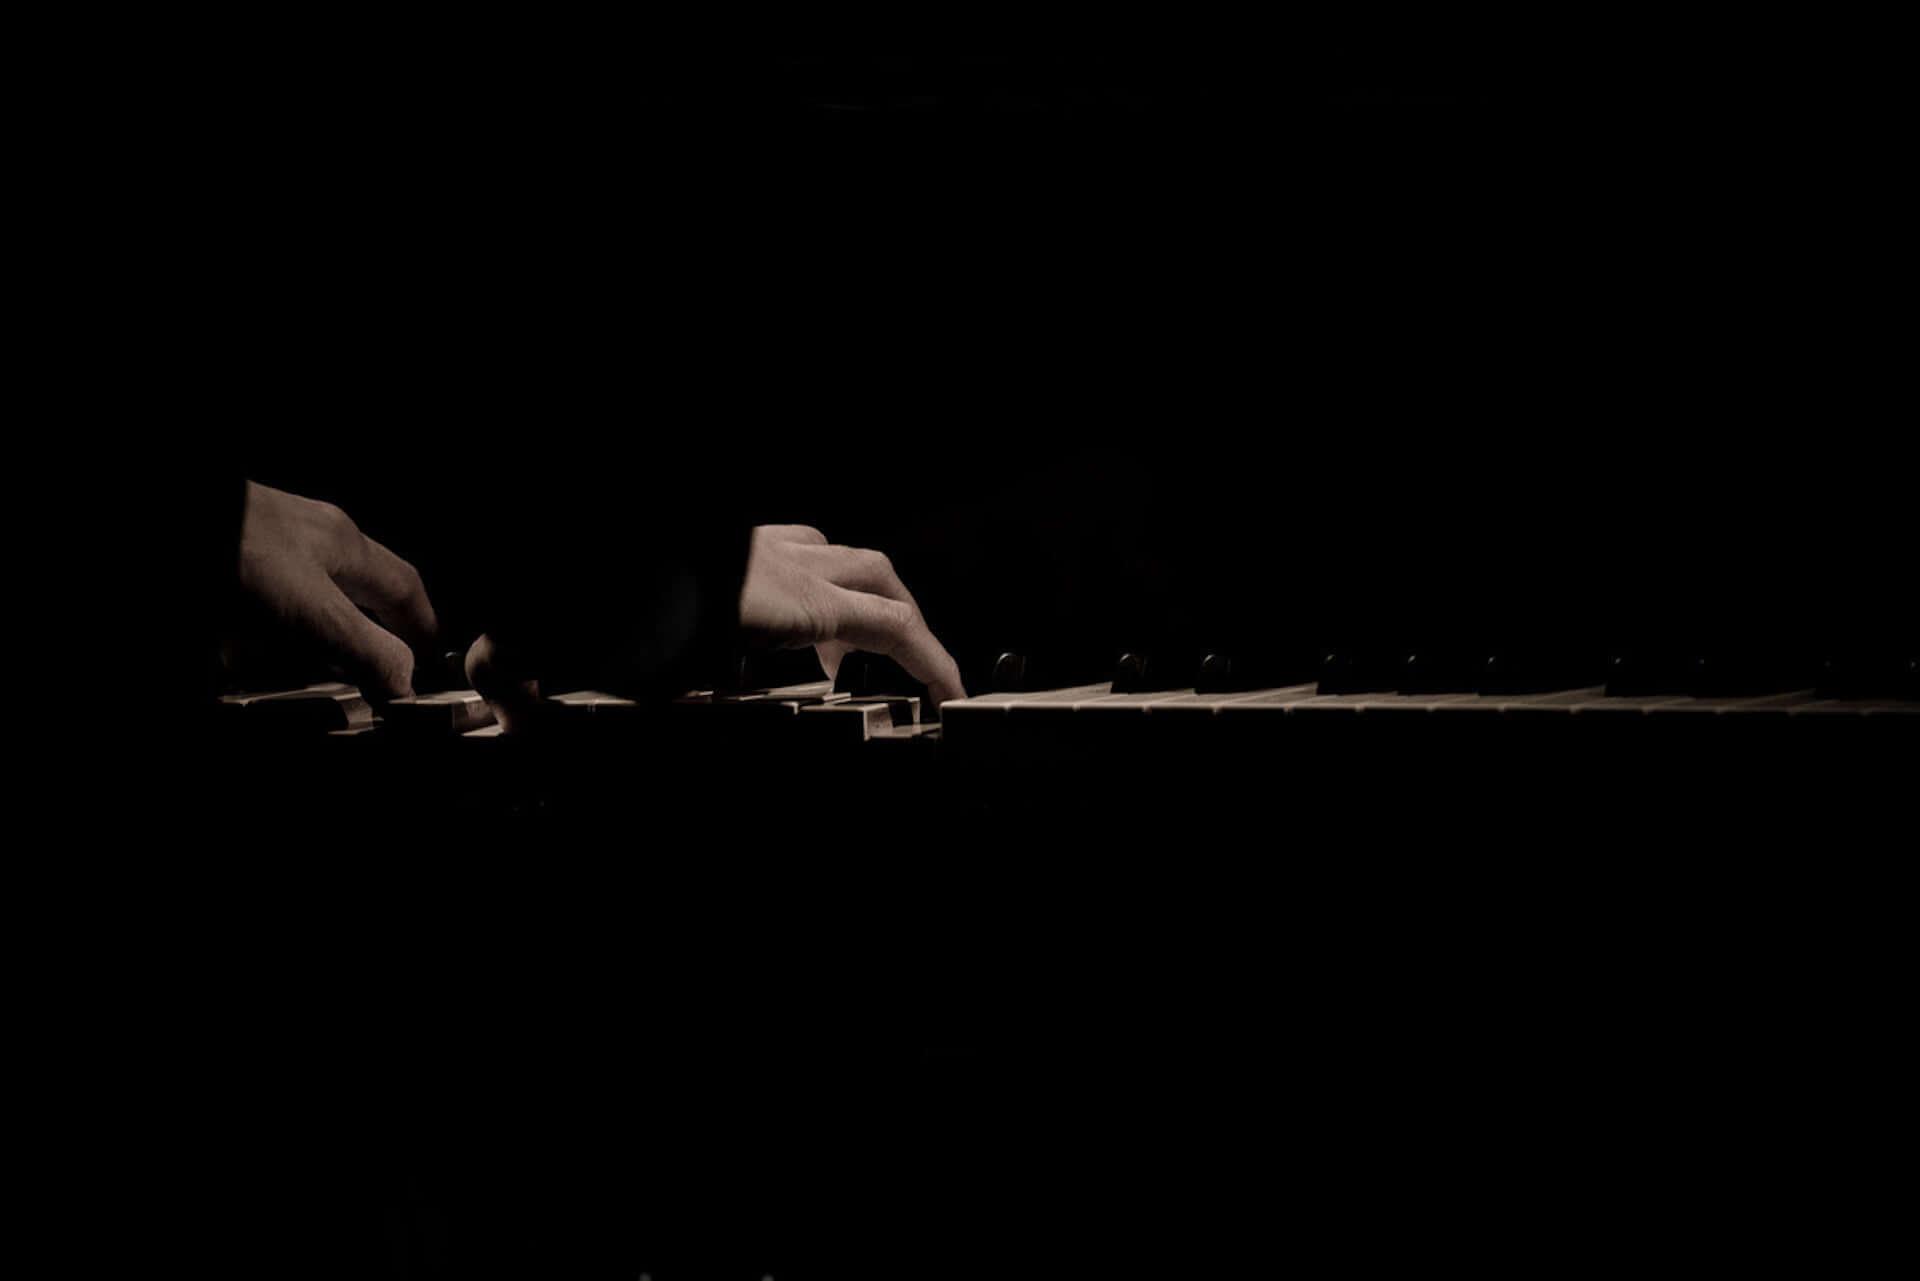 原 摩利彦の最新作『PASSION』が本日リリース|全15曲に寄せた本人のエッセイも大公開 music200605_marihikohara_21-1920x1281